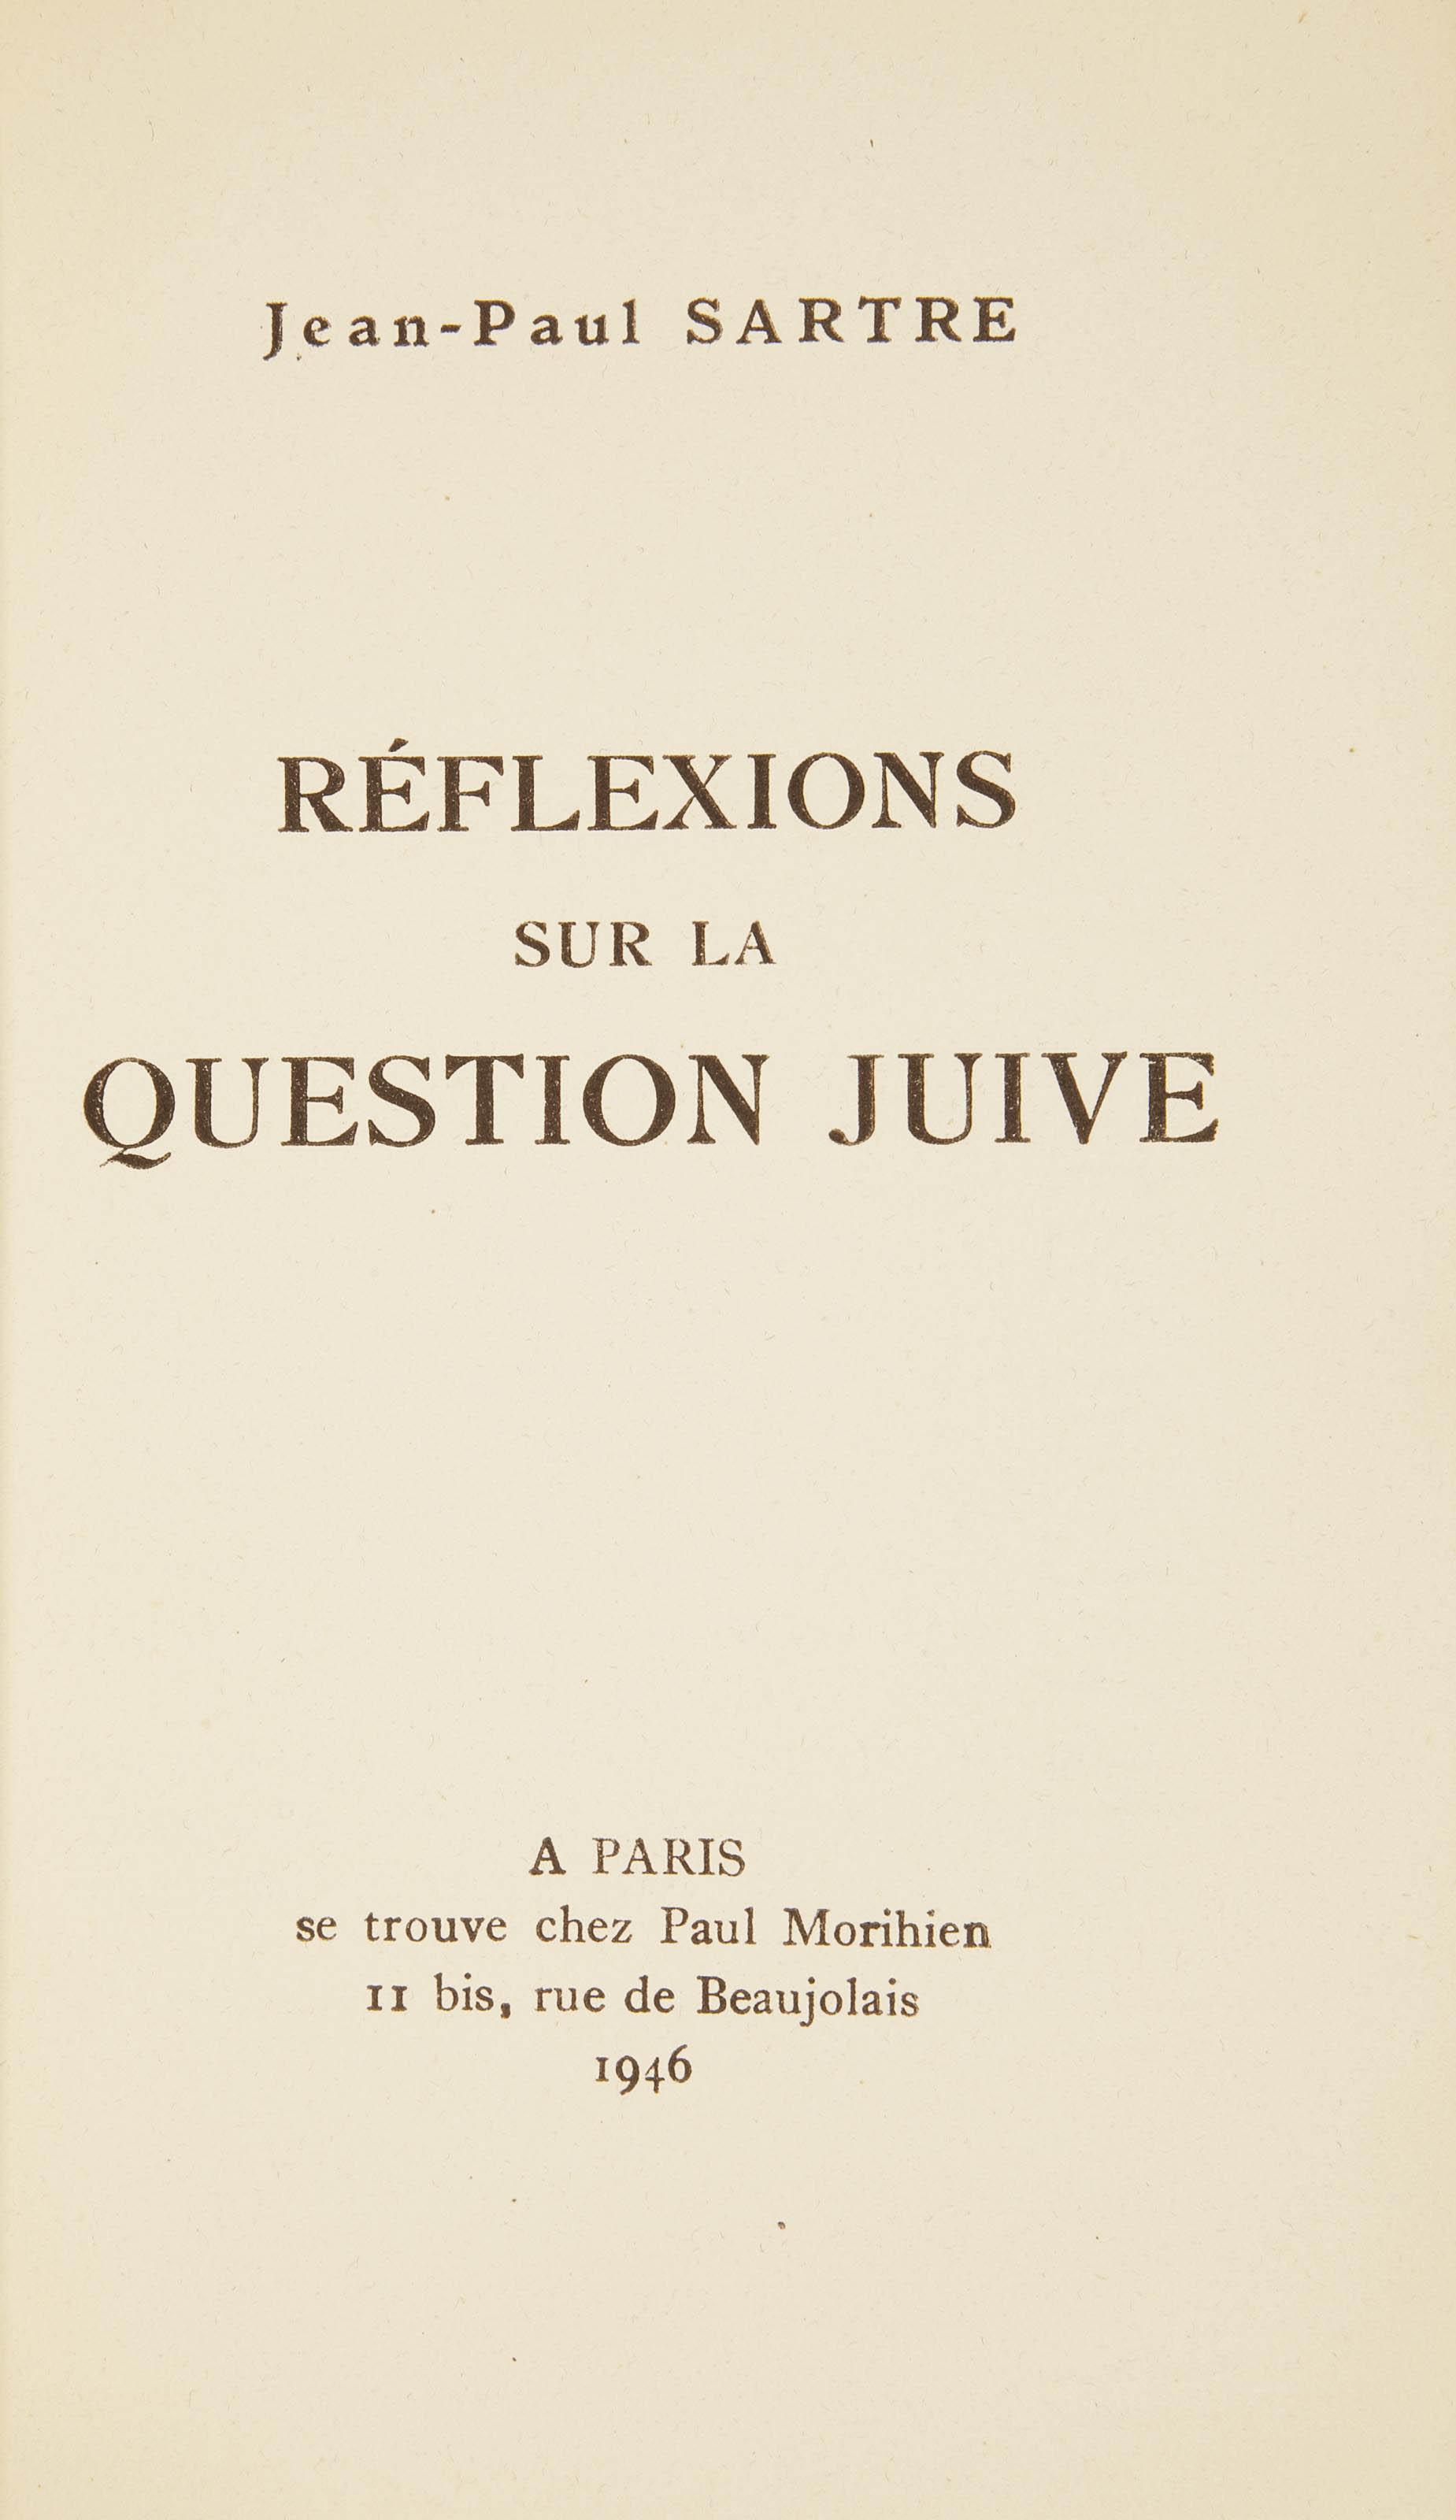 SARTRE, Jean-Paul (1905-1980). Réflexions sur la question juive. Paris: Morihien, 1946.